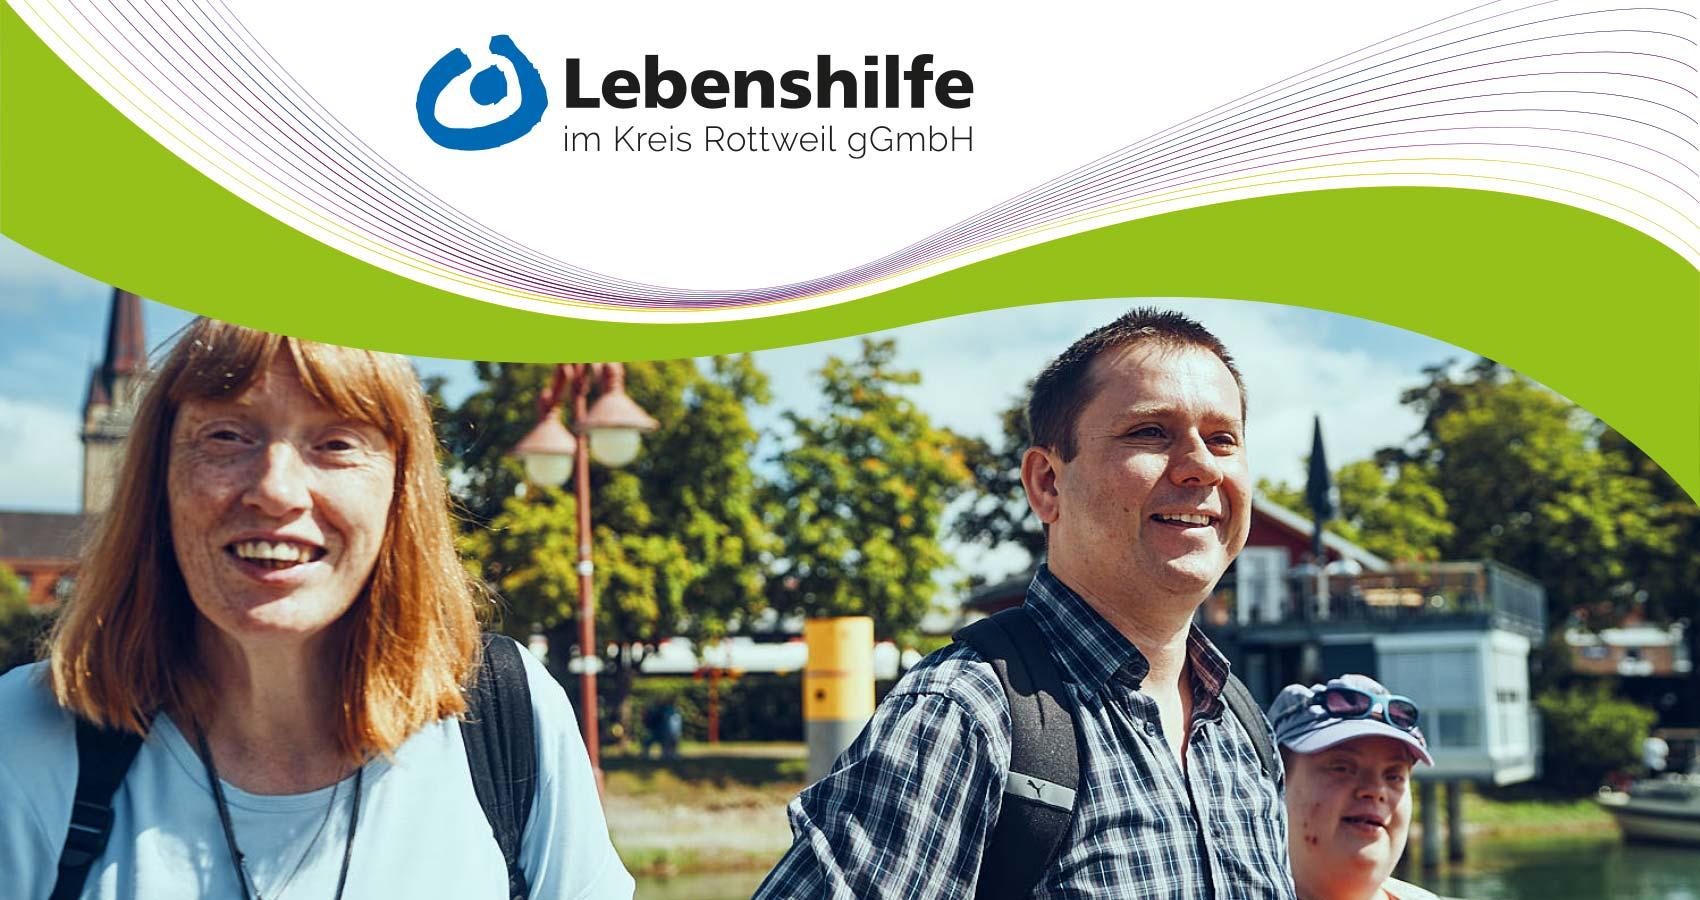 Lebenshilfe im Kreis Rottweil gGmbH - Freizeitangebot - Ausflüge